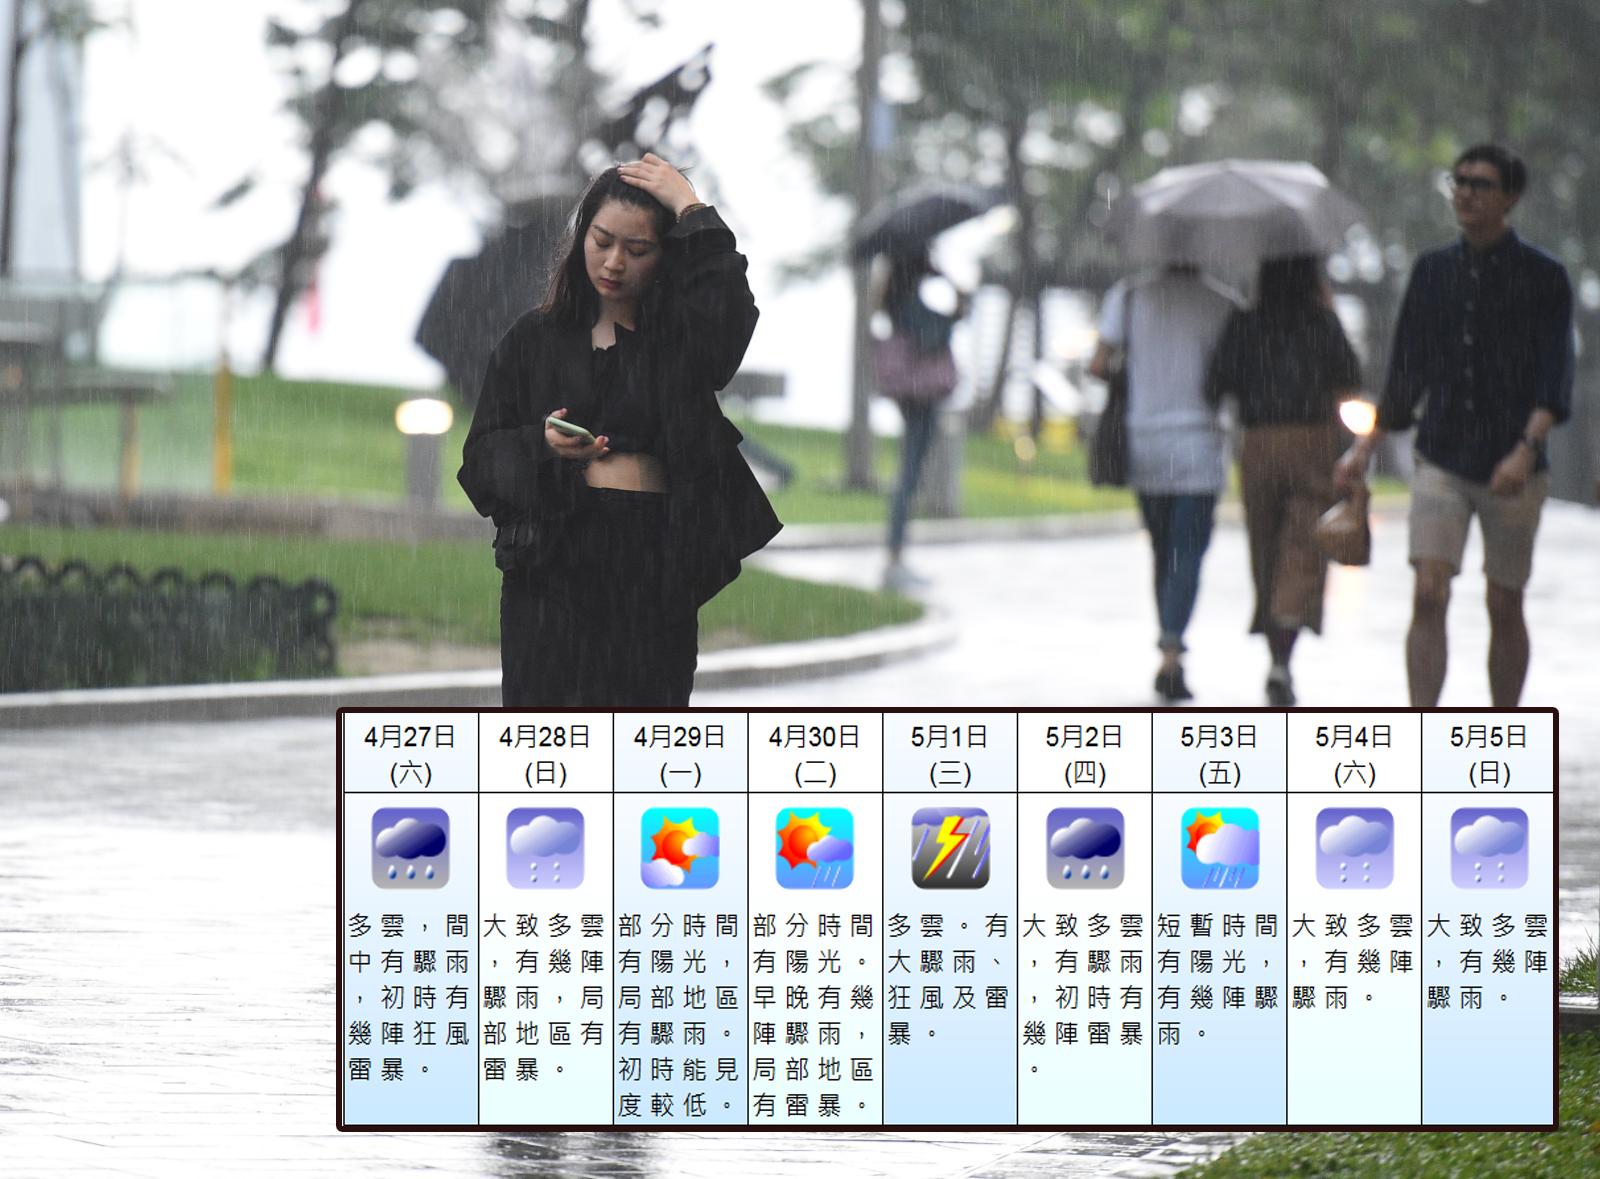 天文台預測,周末期間廣東沿岸地區風勢頗大,有驟雨及幾陣狂風雷暴。 資料圖片及天文台網頁圖